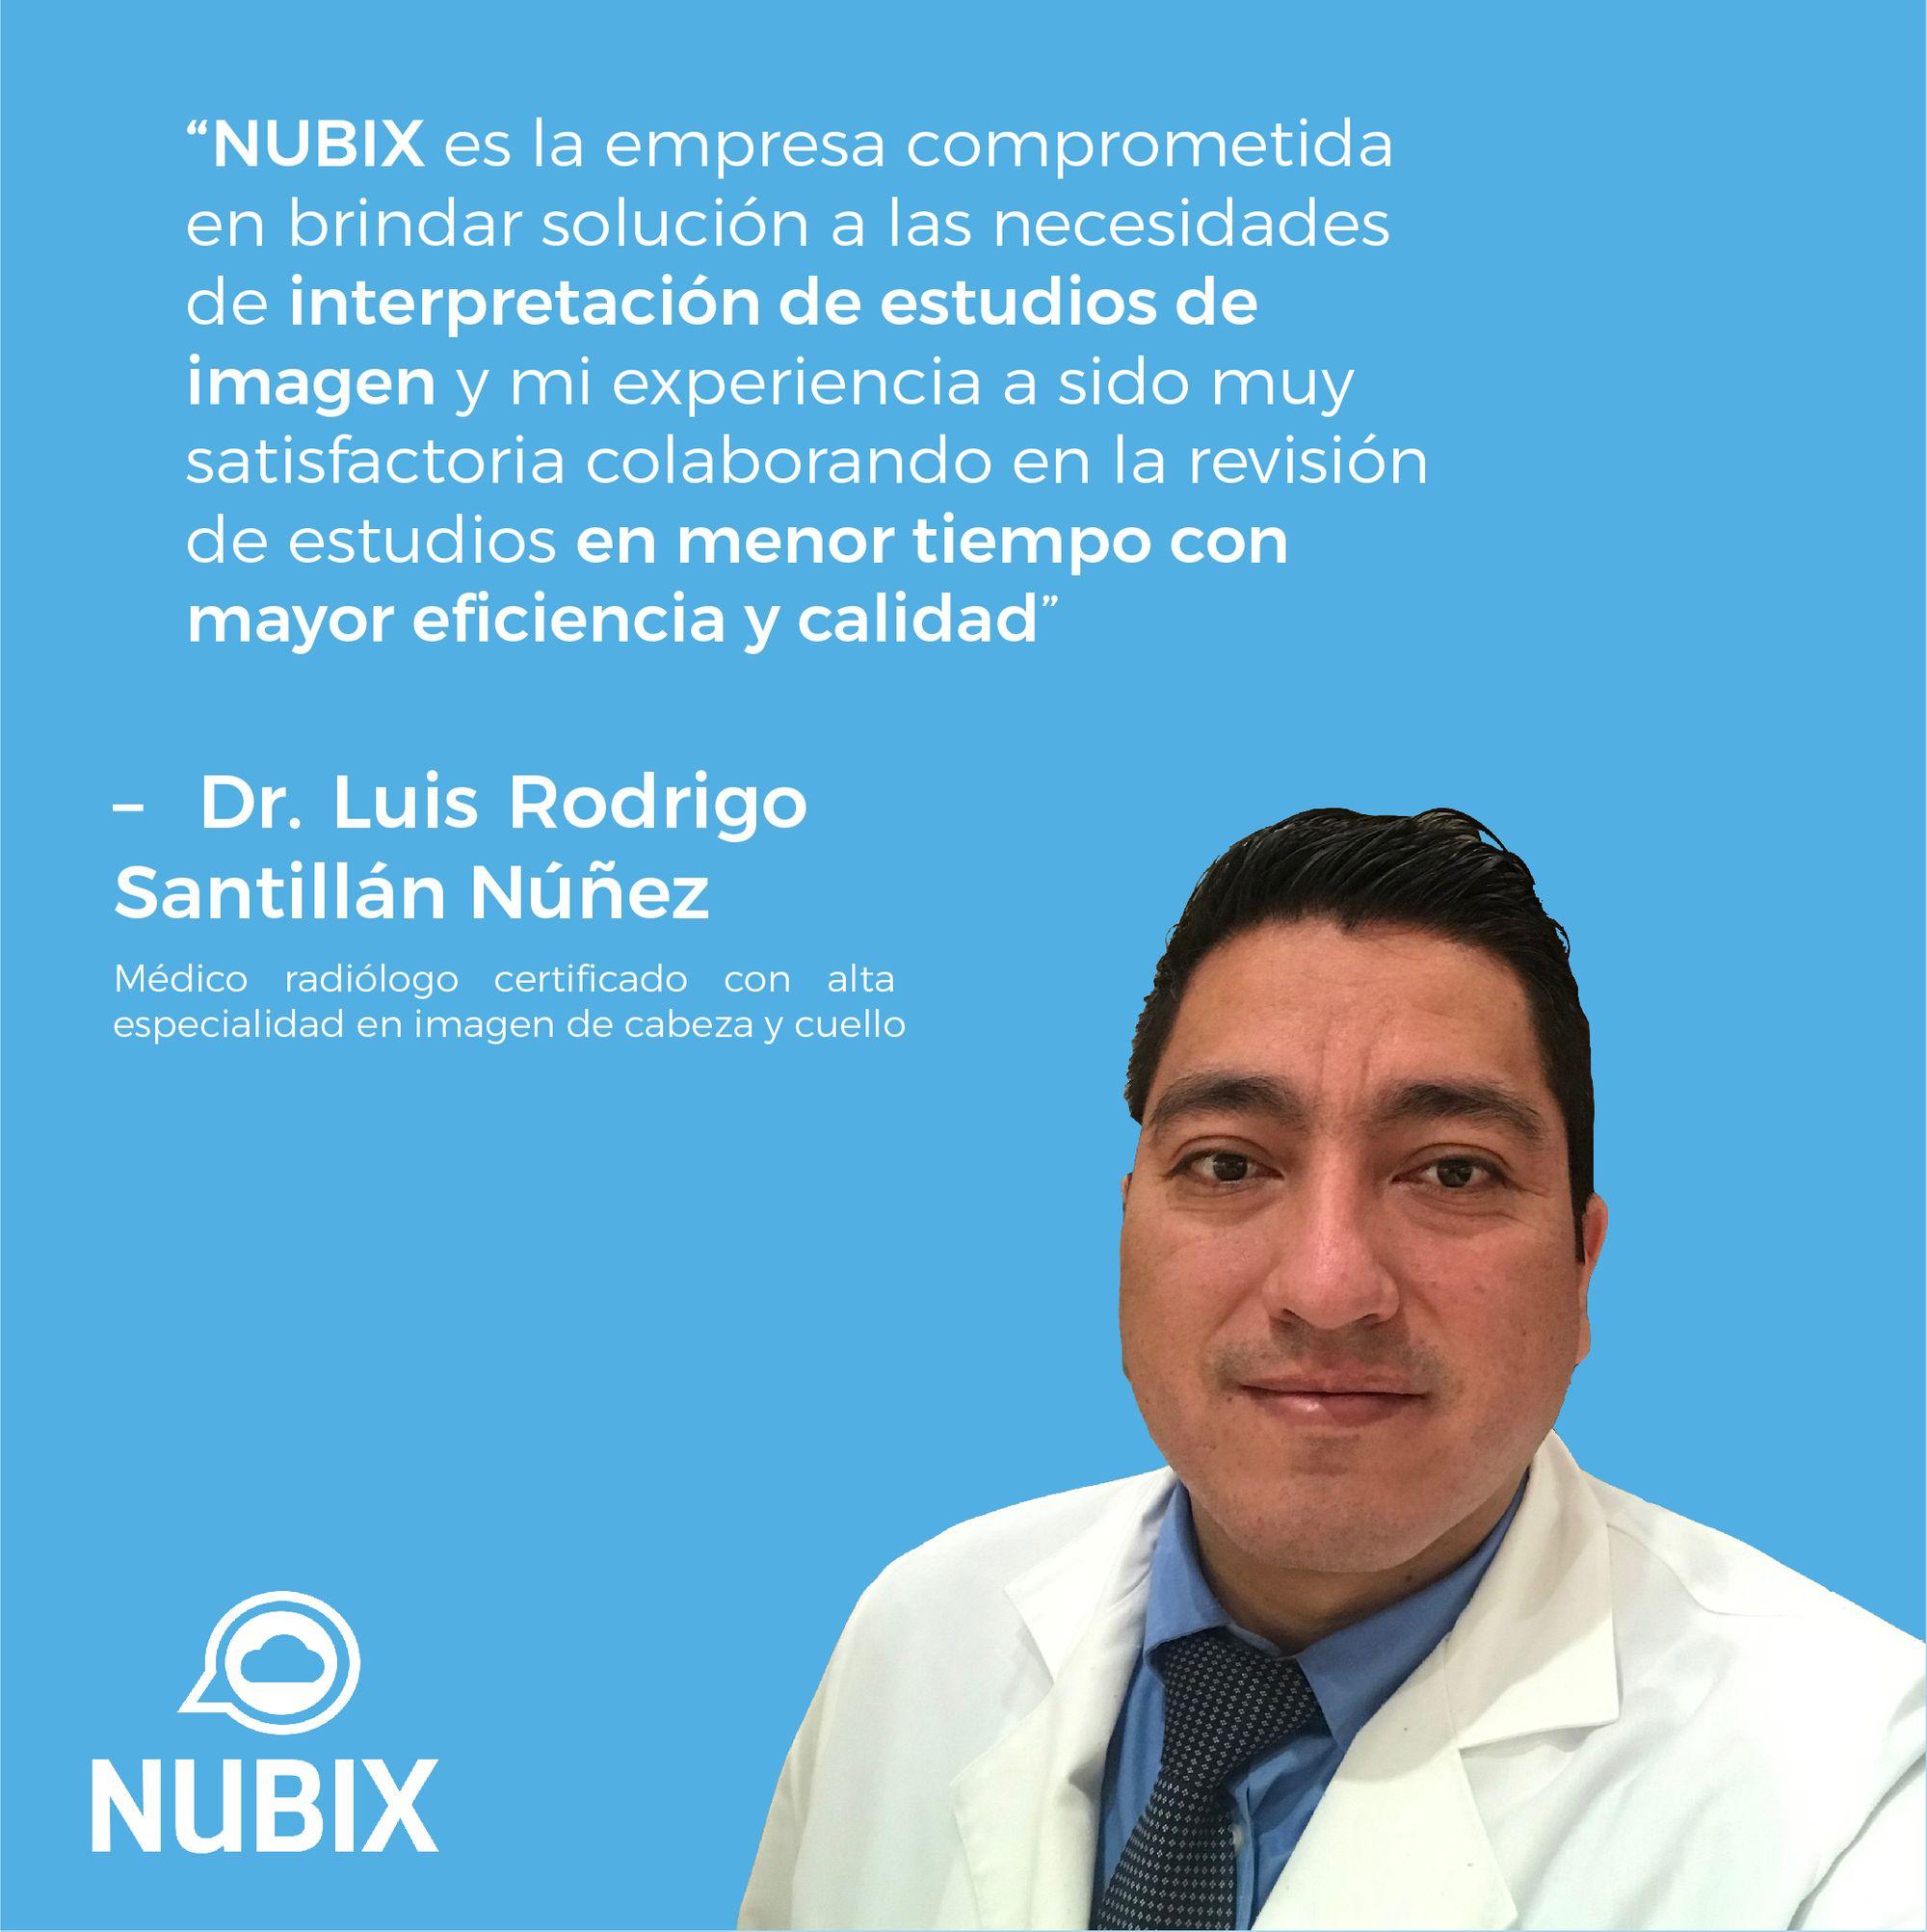 Testimonios NUBIX: Dr. Luis Rodrigo Santillán Núñez